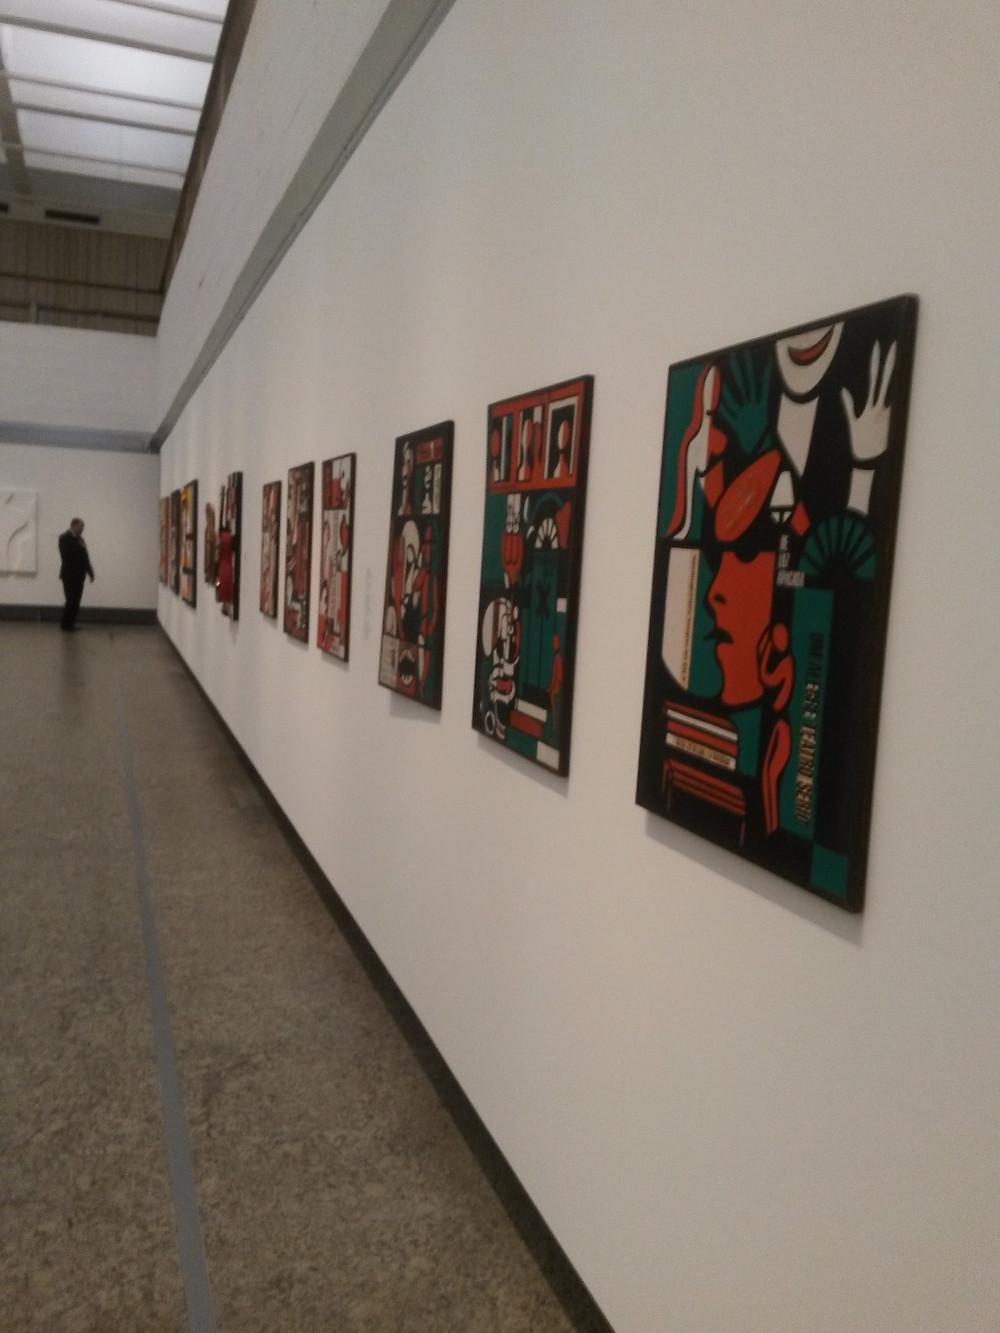 Simbolizando a década de 70 em estilo, cores e grito, a artista usa um arsenal plástico de elementos para compor suas obras